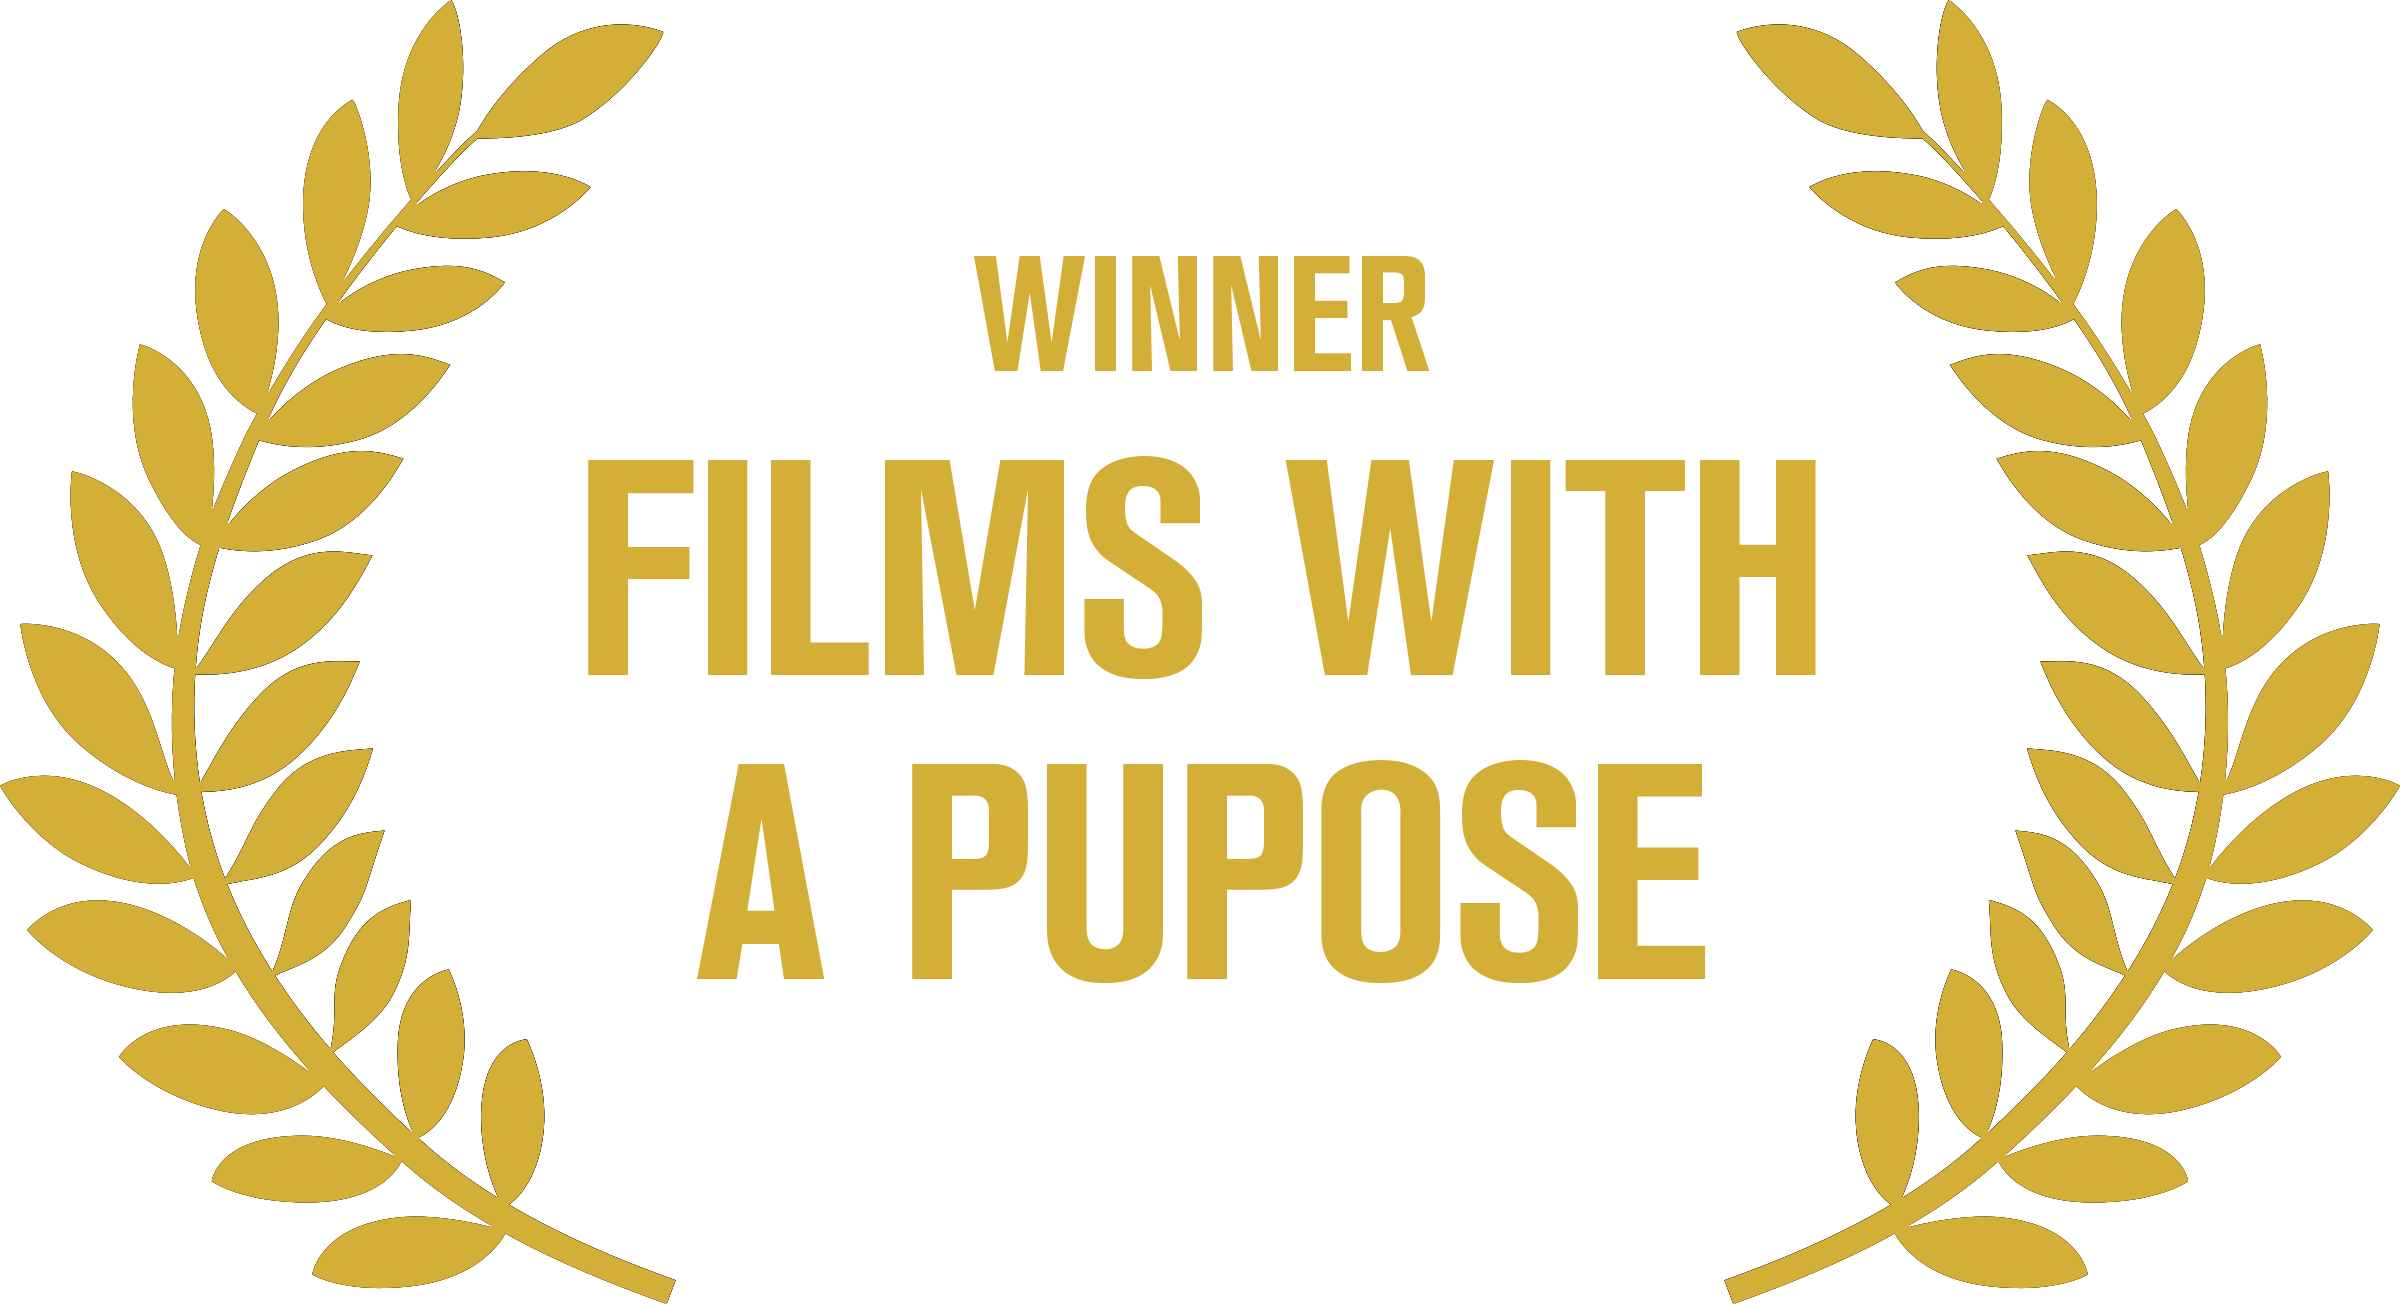 Laurel_Purpose_winner.png